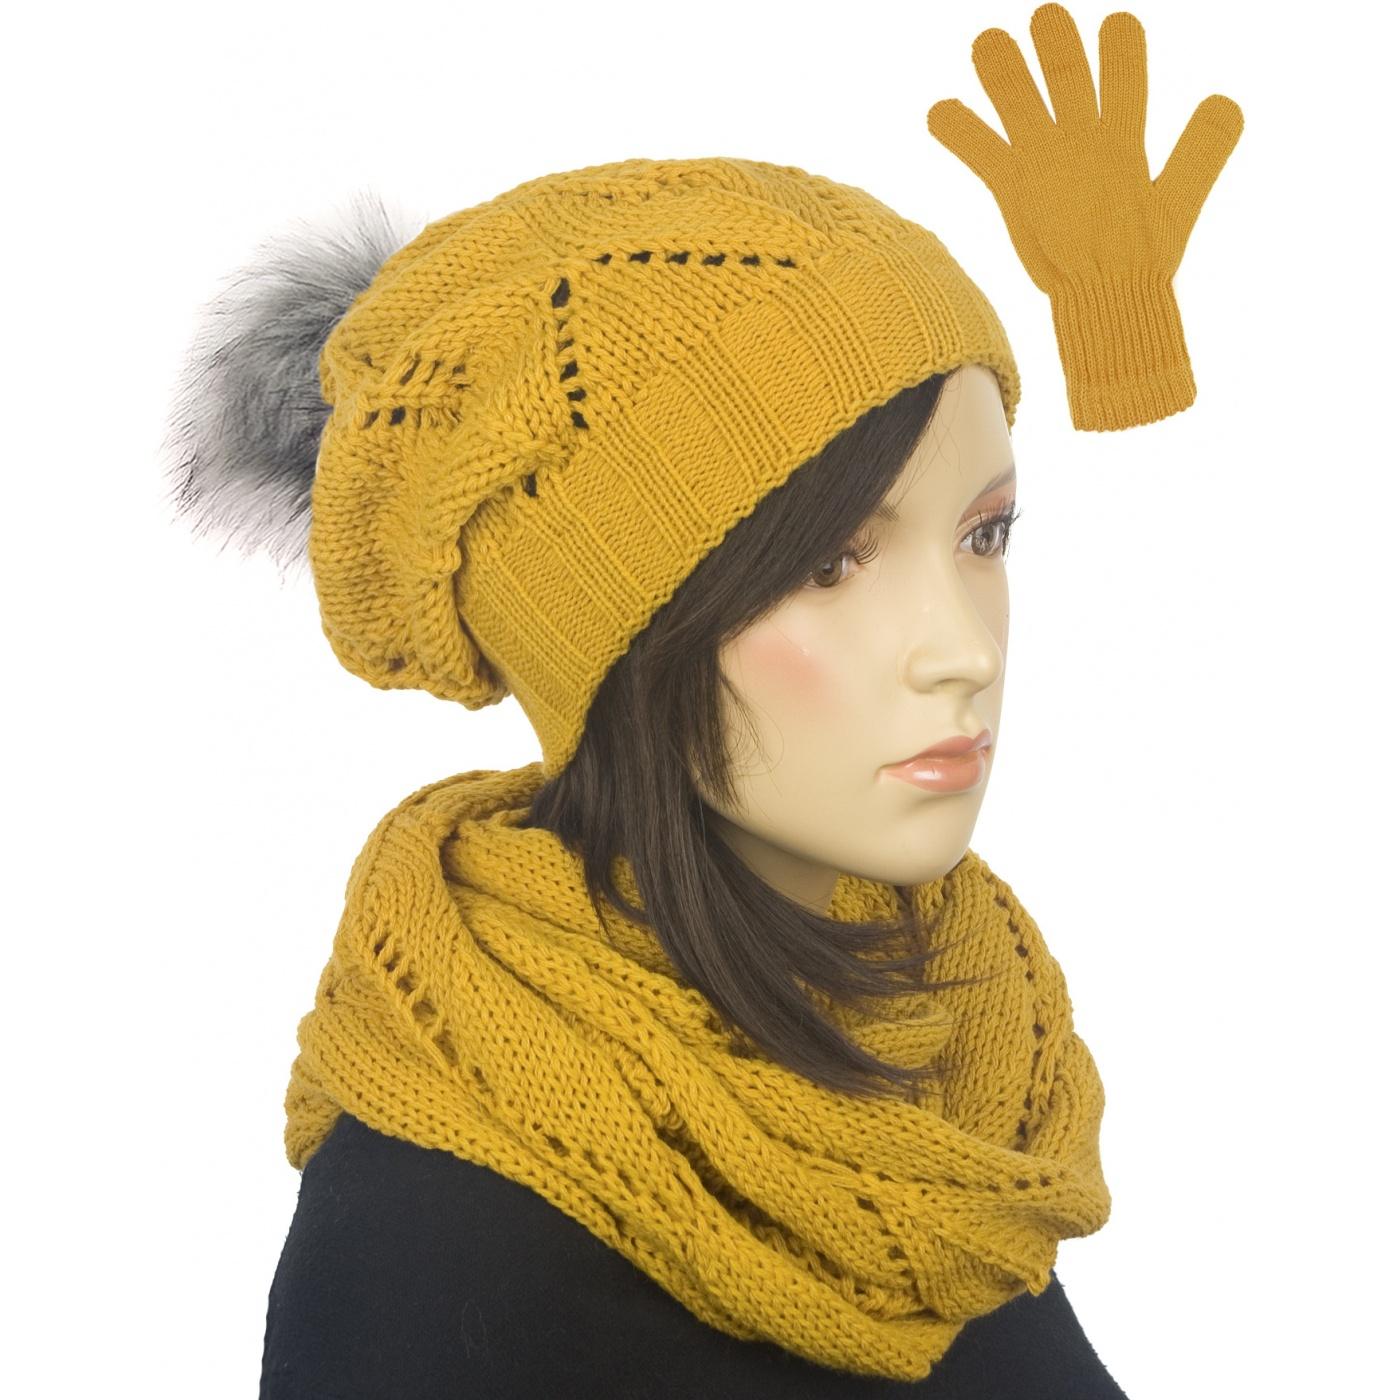 Ażurowy komplet czapka z pomponem, komin, rękawiczki - żółty